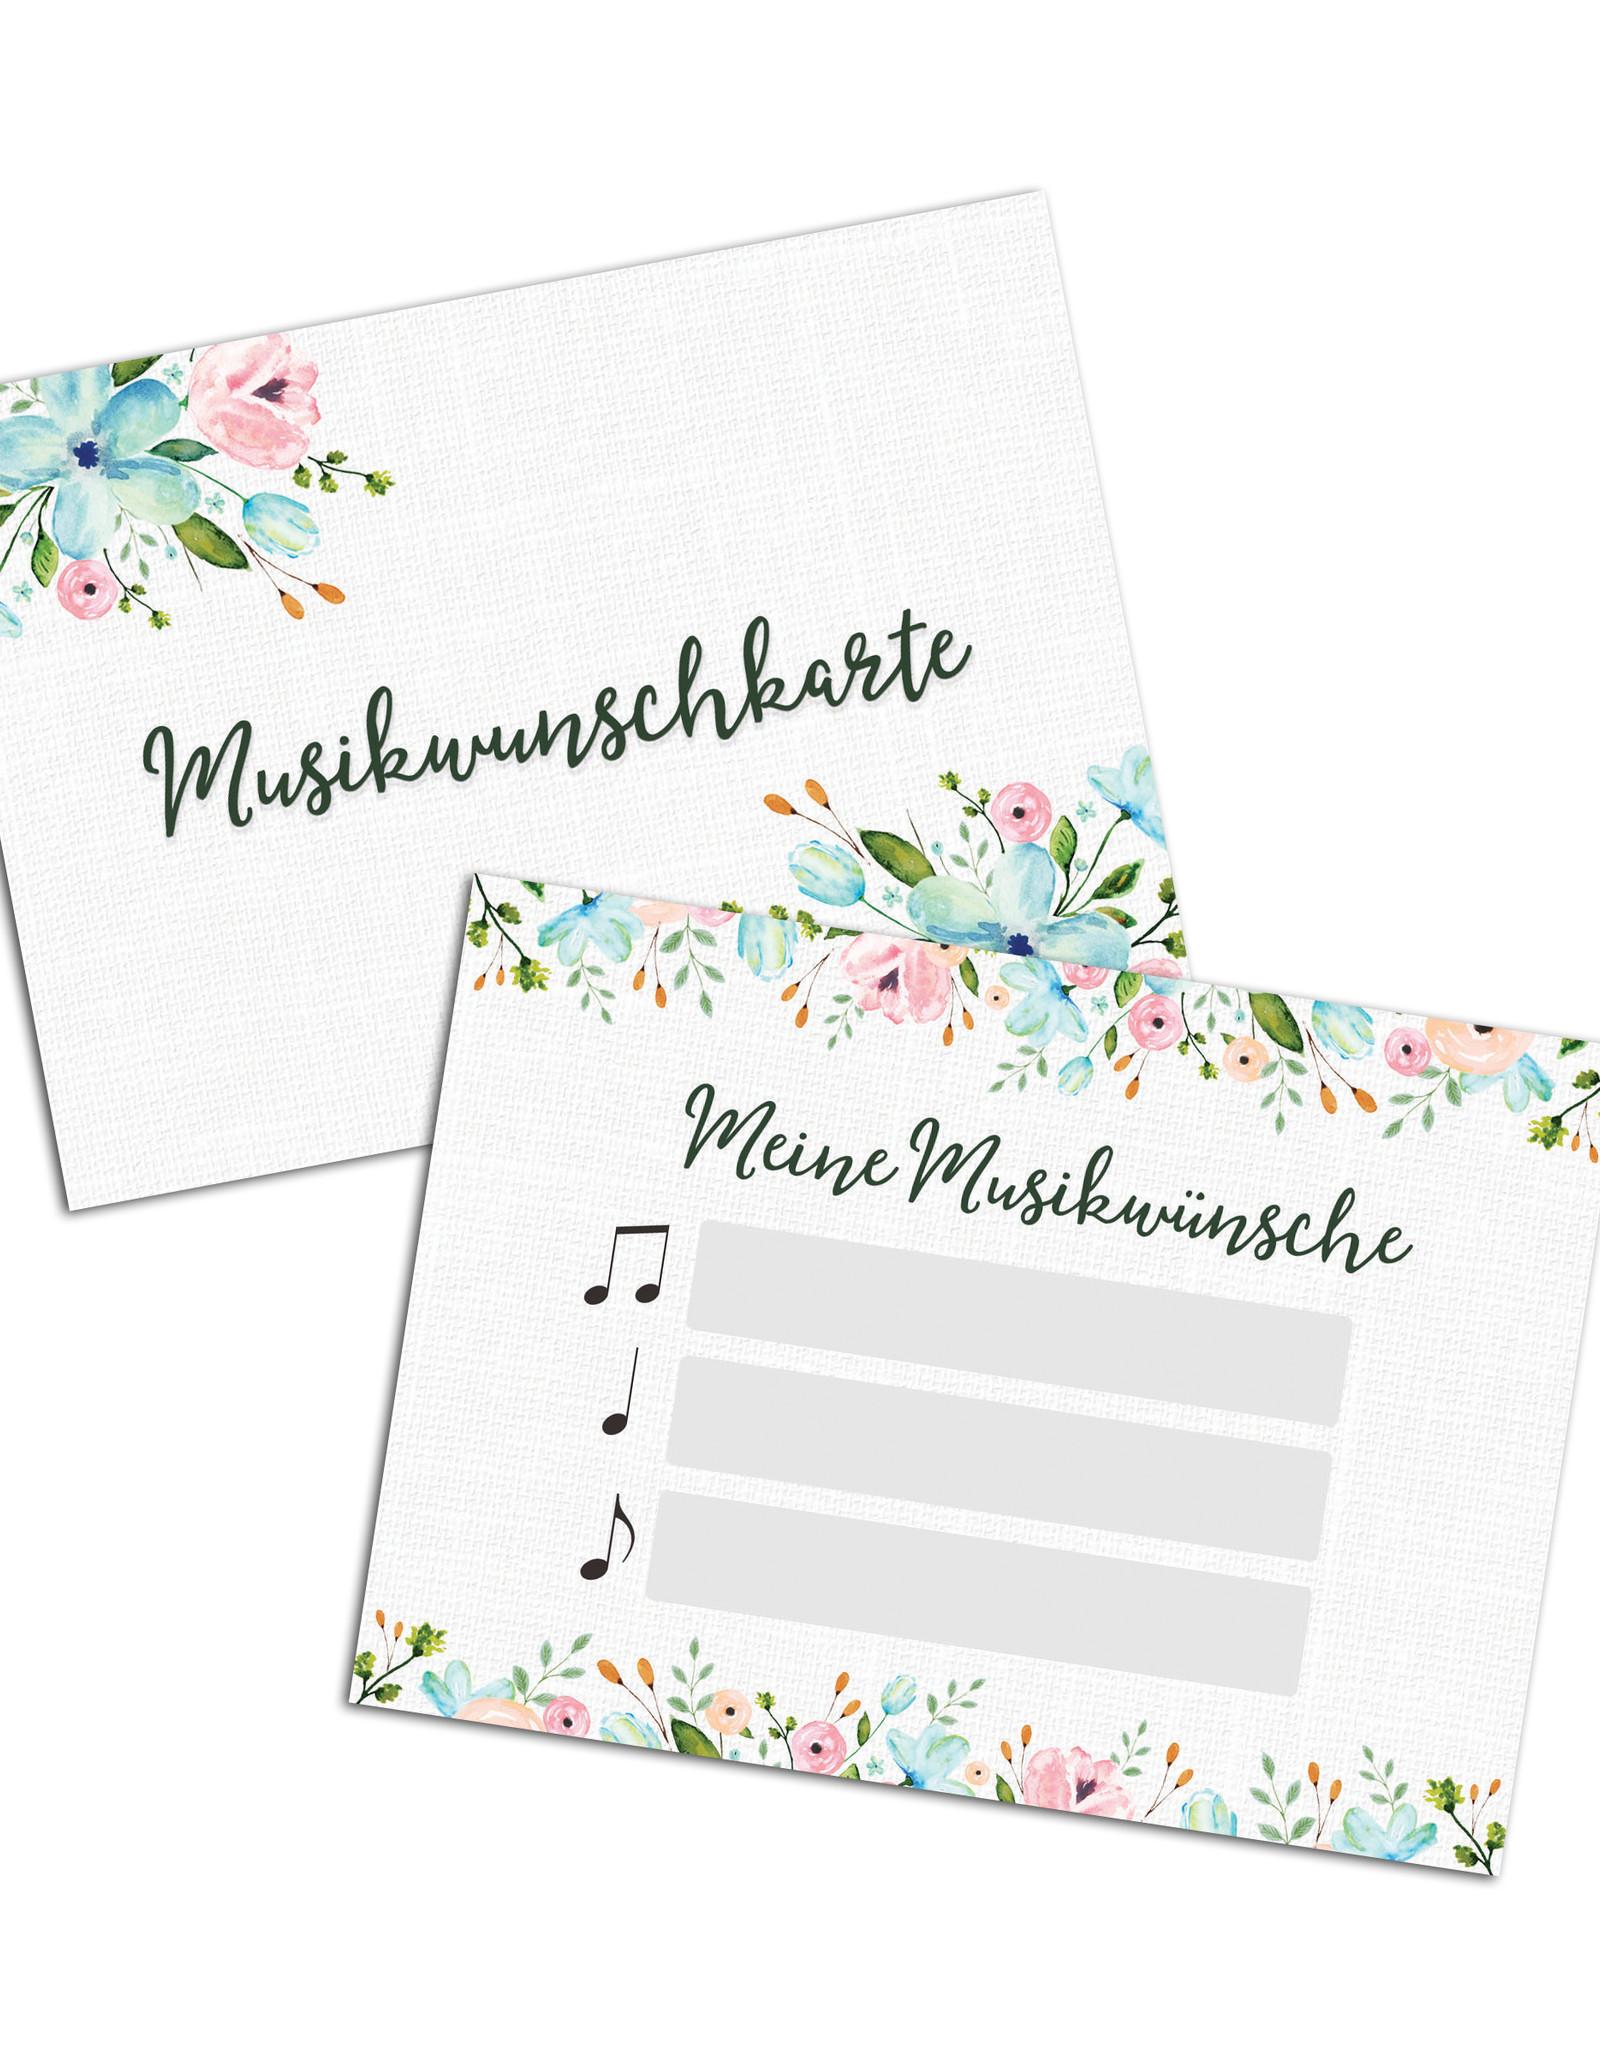 50 Musikwunschkarten für Hochzeit oder Geburtstag